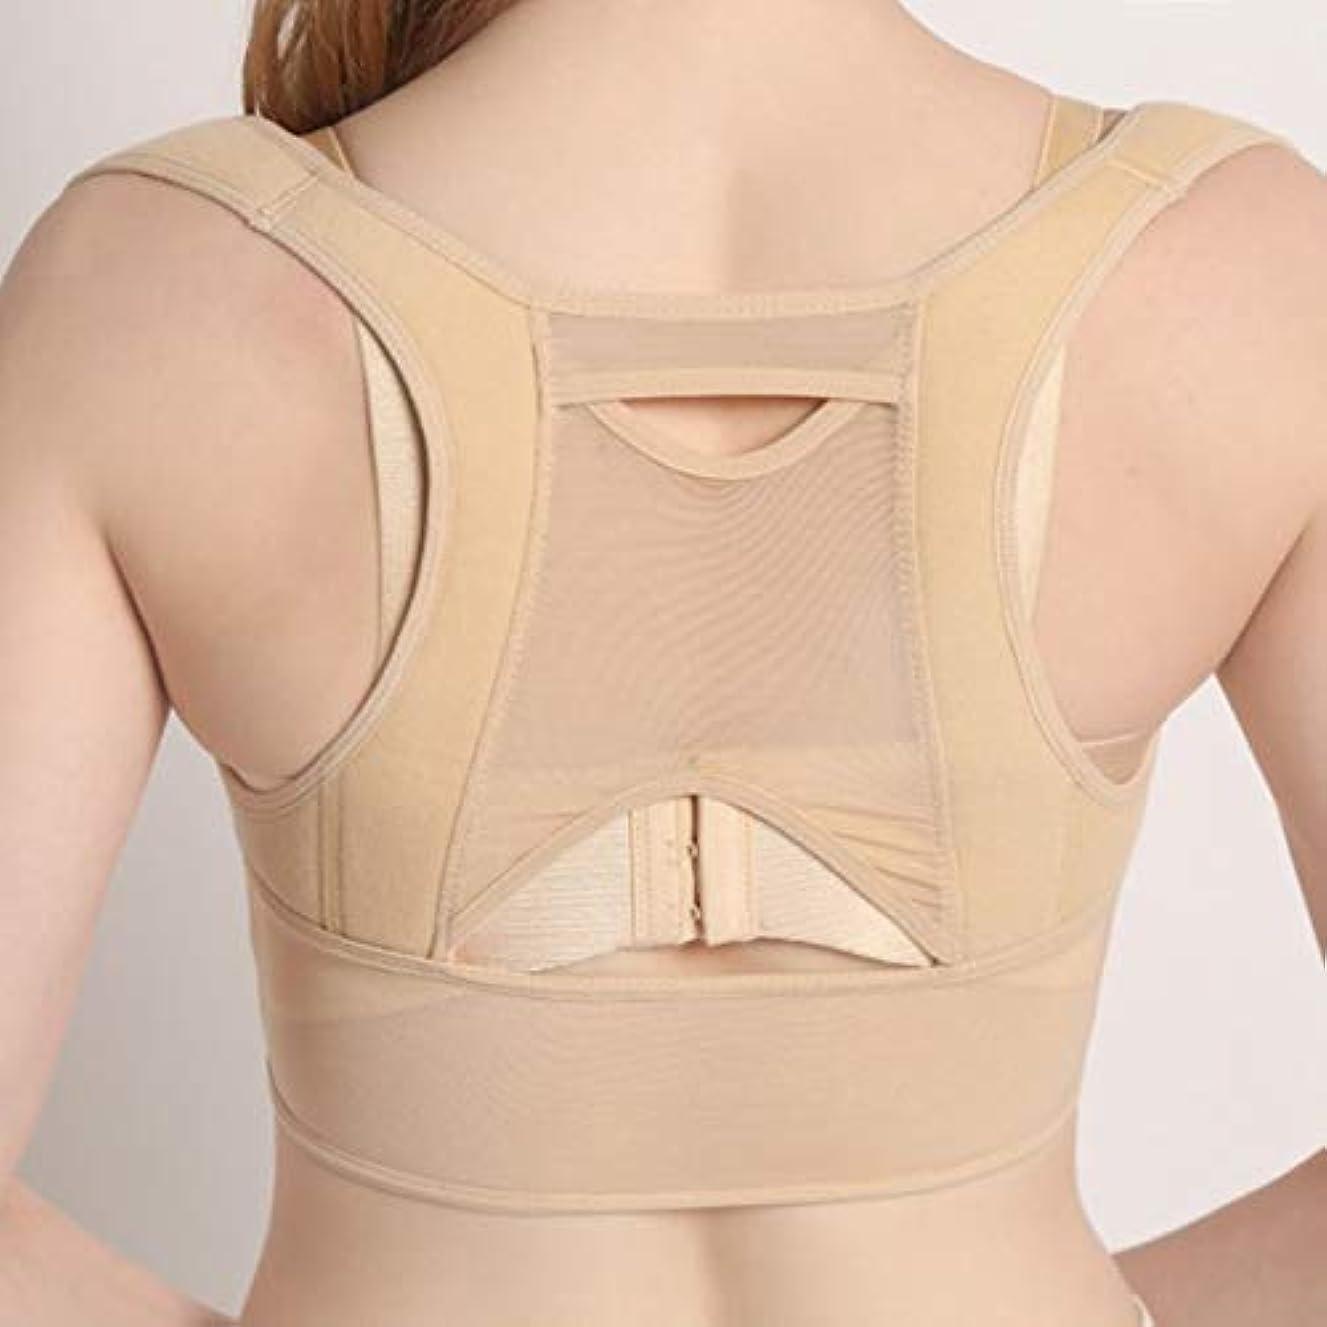 再発する知るストライド通気性の女性のバック姿勢矯正コルセット整形外科上部へ戻るショルダー脊椎姿勢コレクターランバーサポート